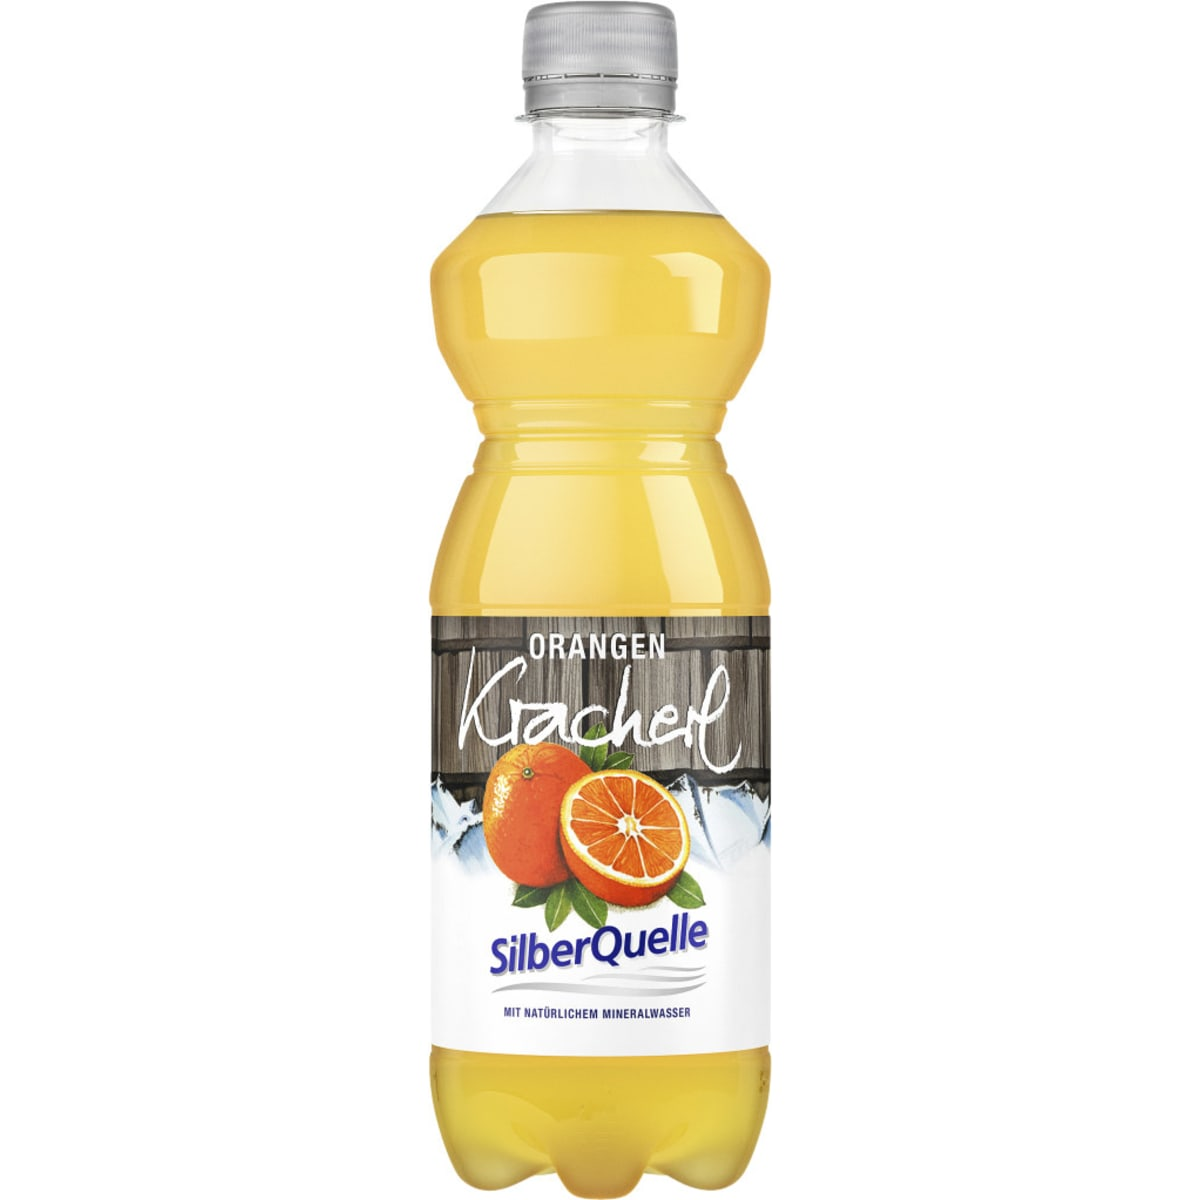 Silberquelle Orangenkracherl